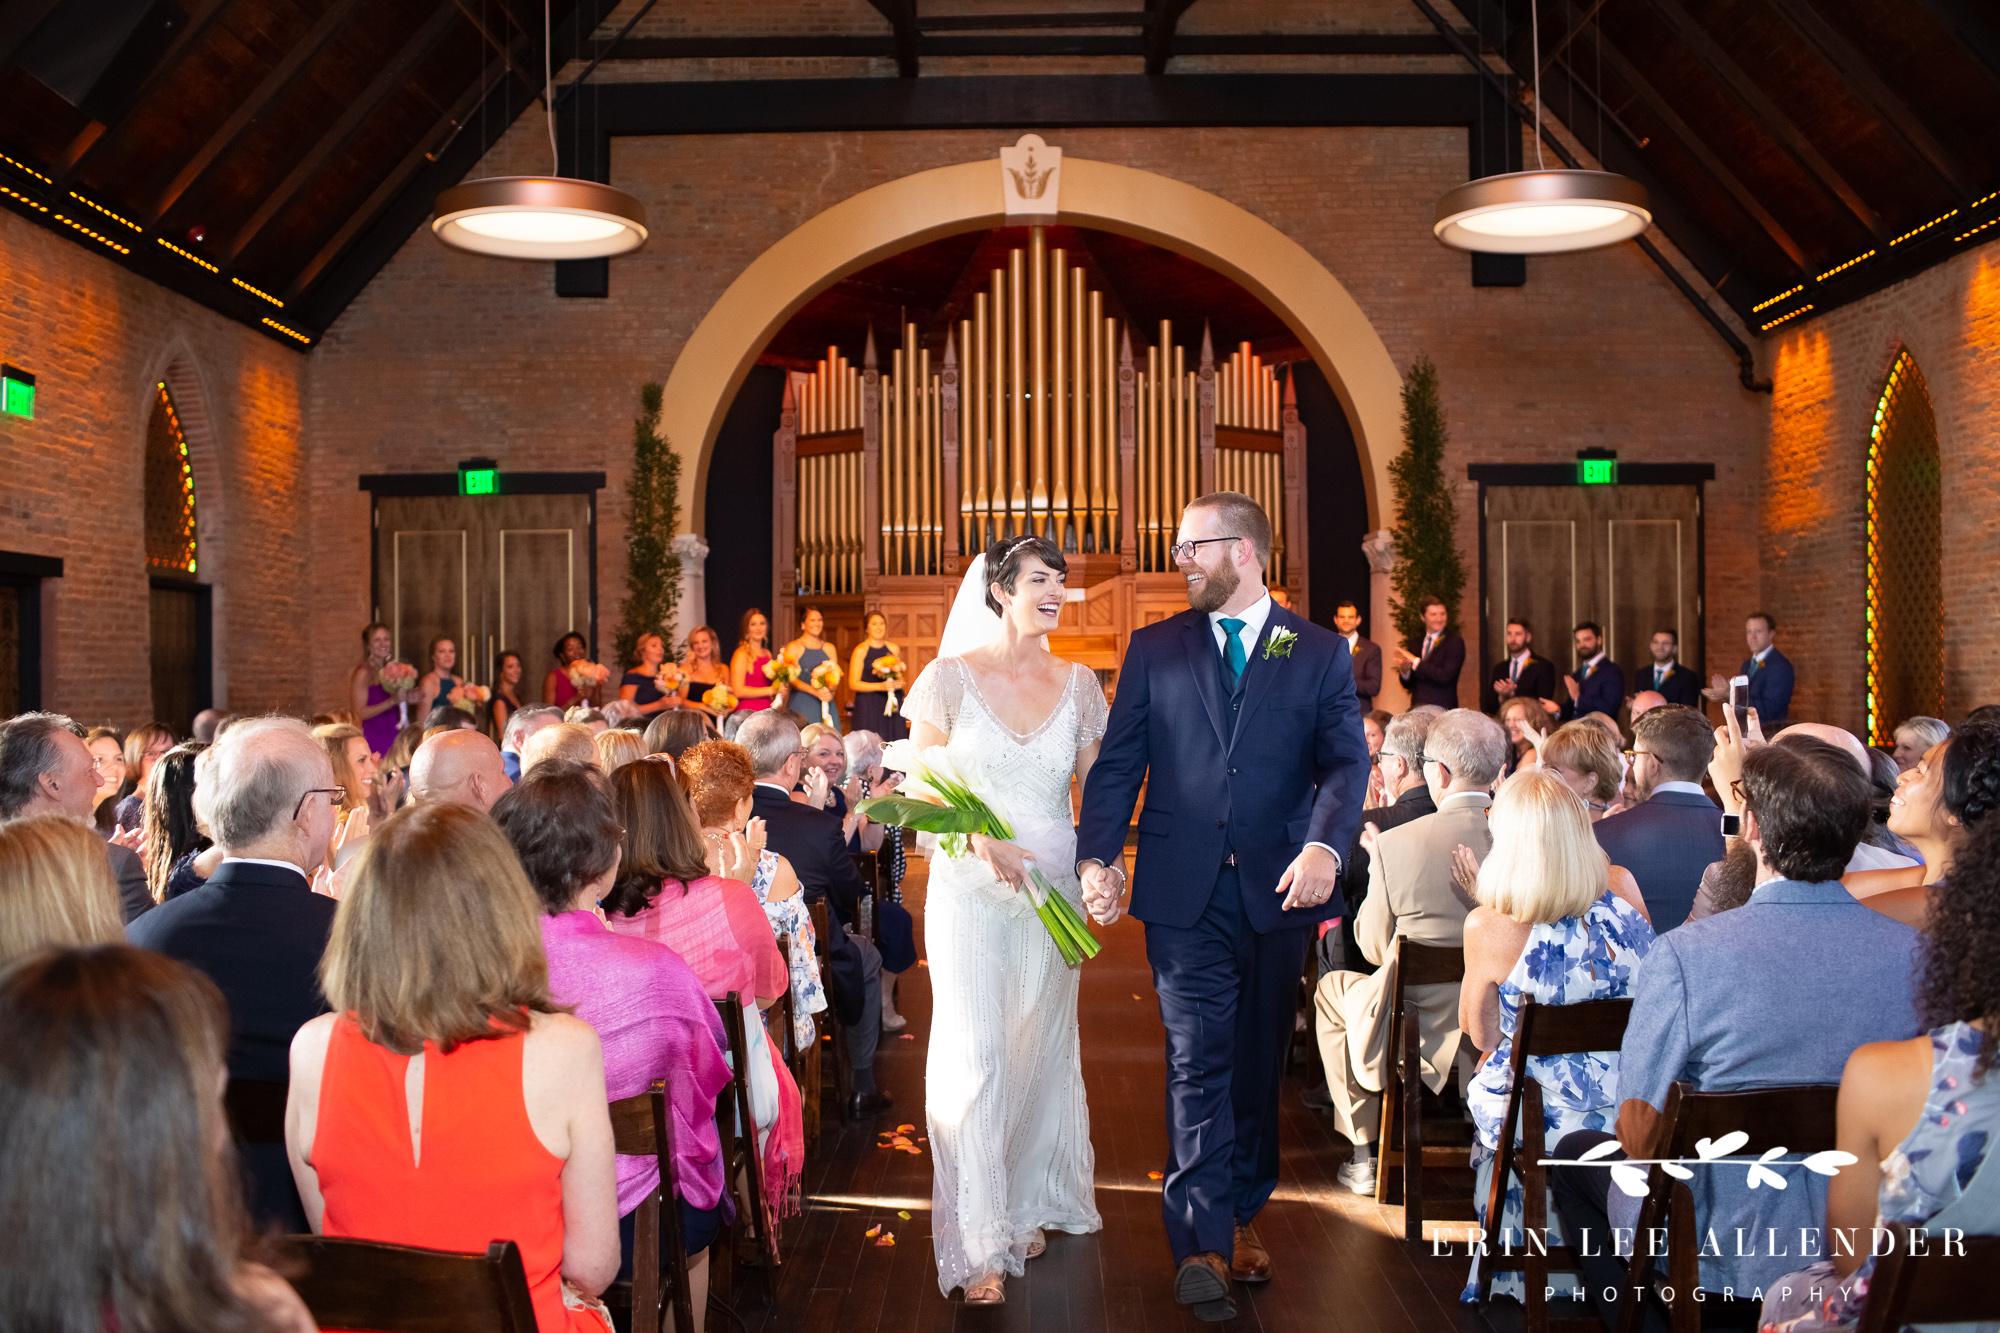 Bride_Groom_Walking_Down_Aisle